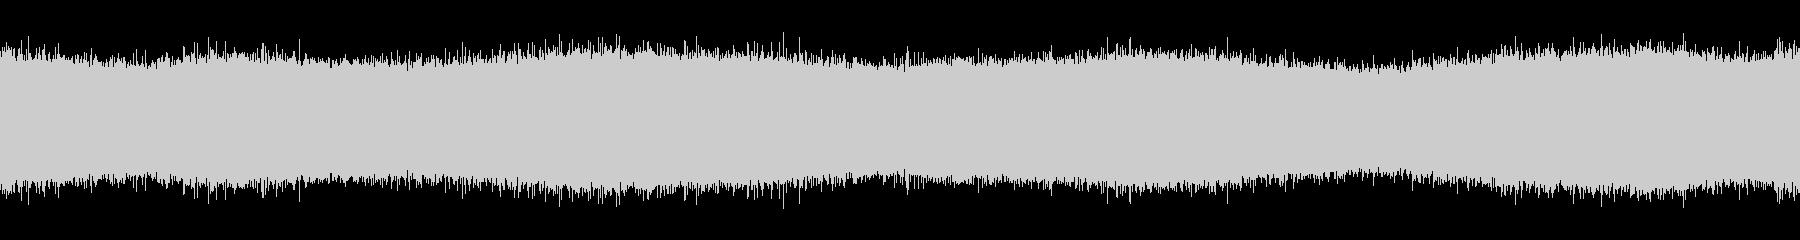 【環境音】セミ(クマゼミ)大合唱の未再生の波形